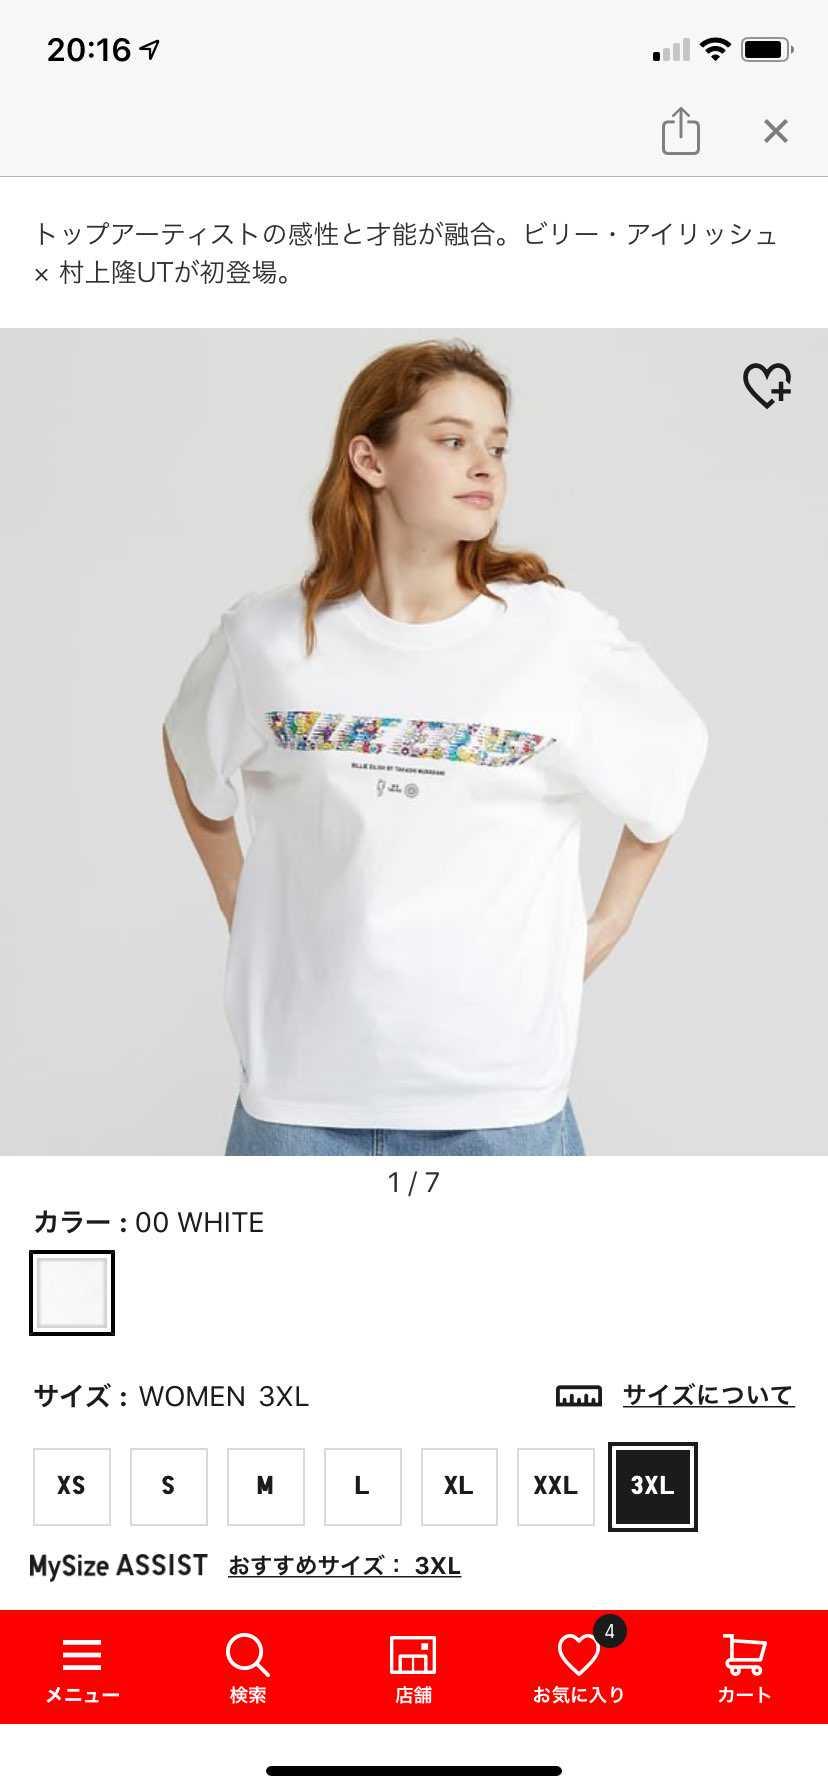 UNIQLOのBillie EilishTシャツ再販してます! 自分は元がレデ